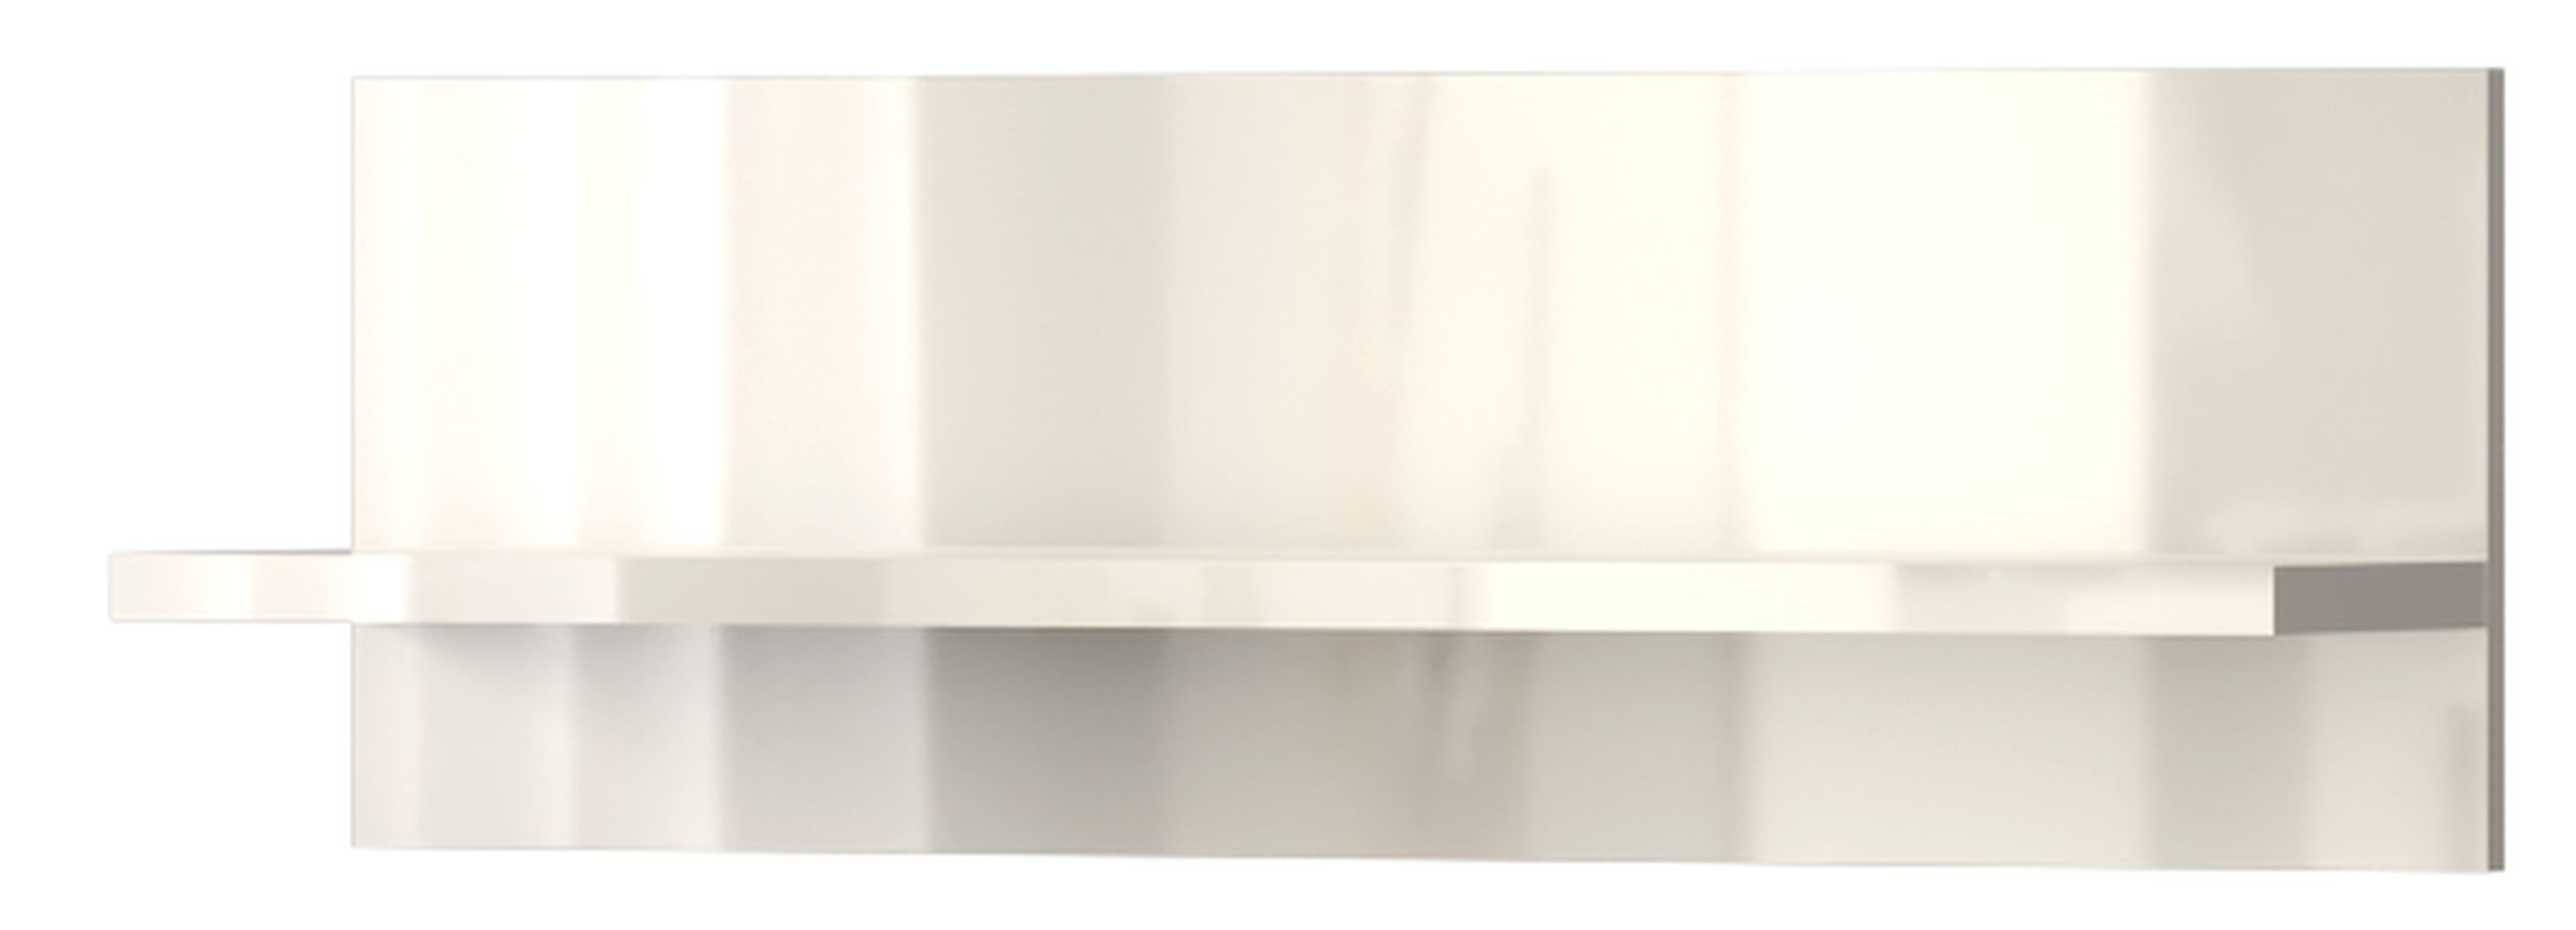 Hängeregal Wandregal Garim 40, Farbe: Weiß Hochglanz 30